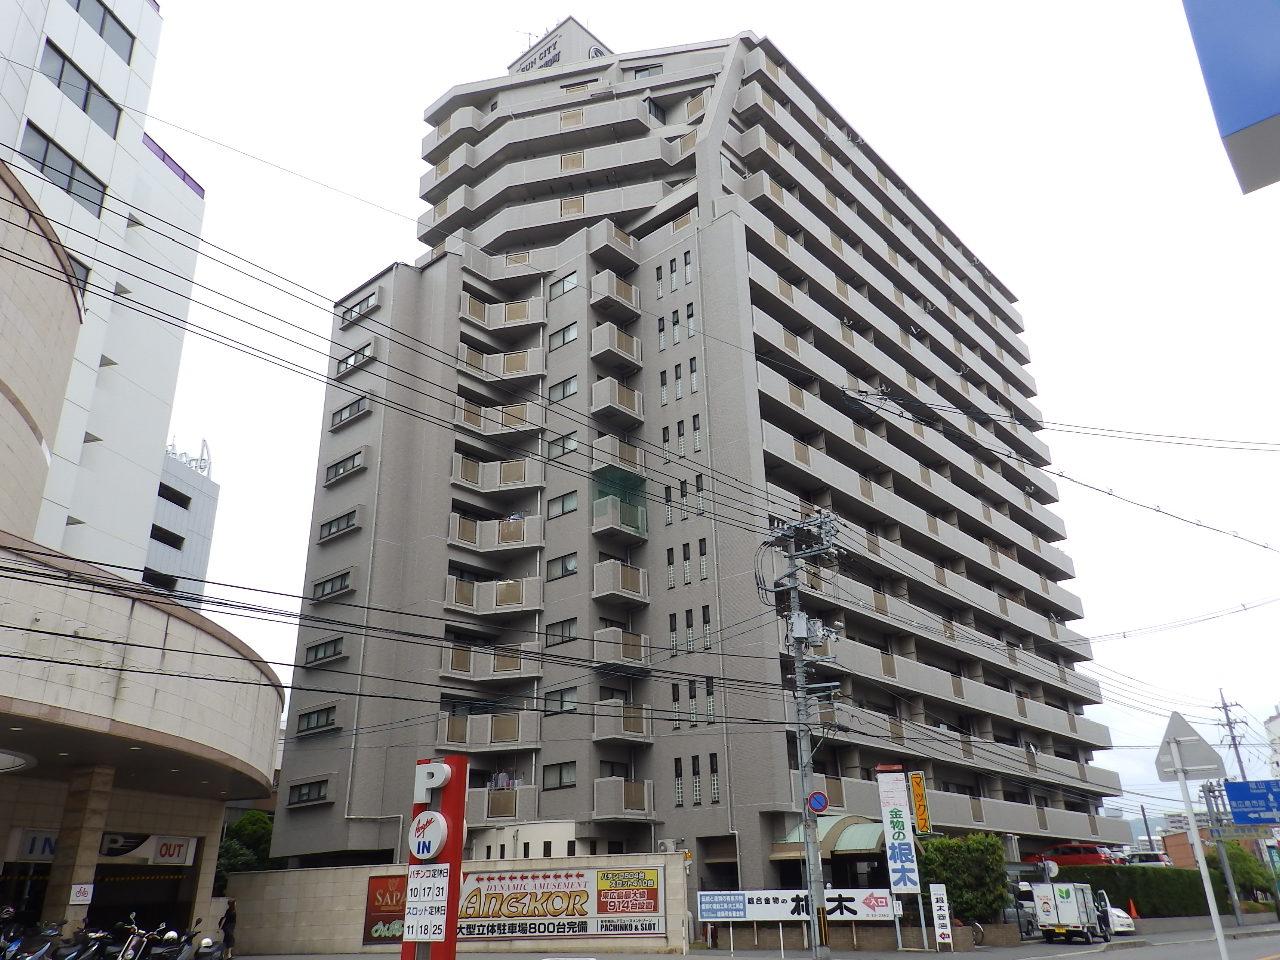 サンシティ西条昭和町